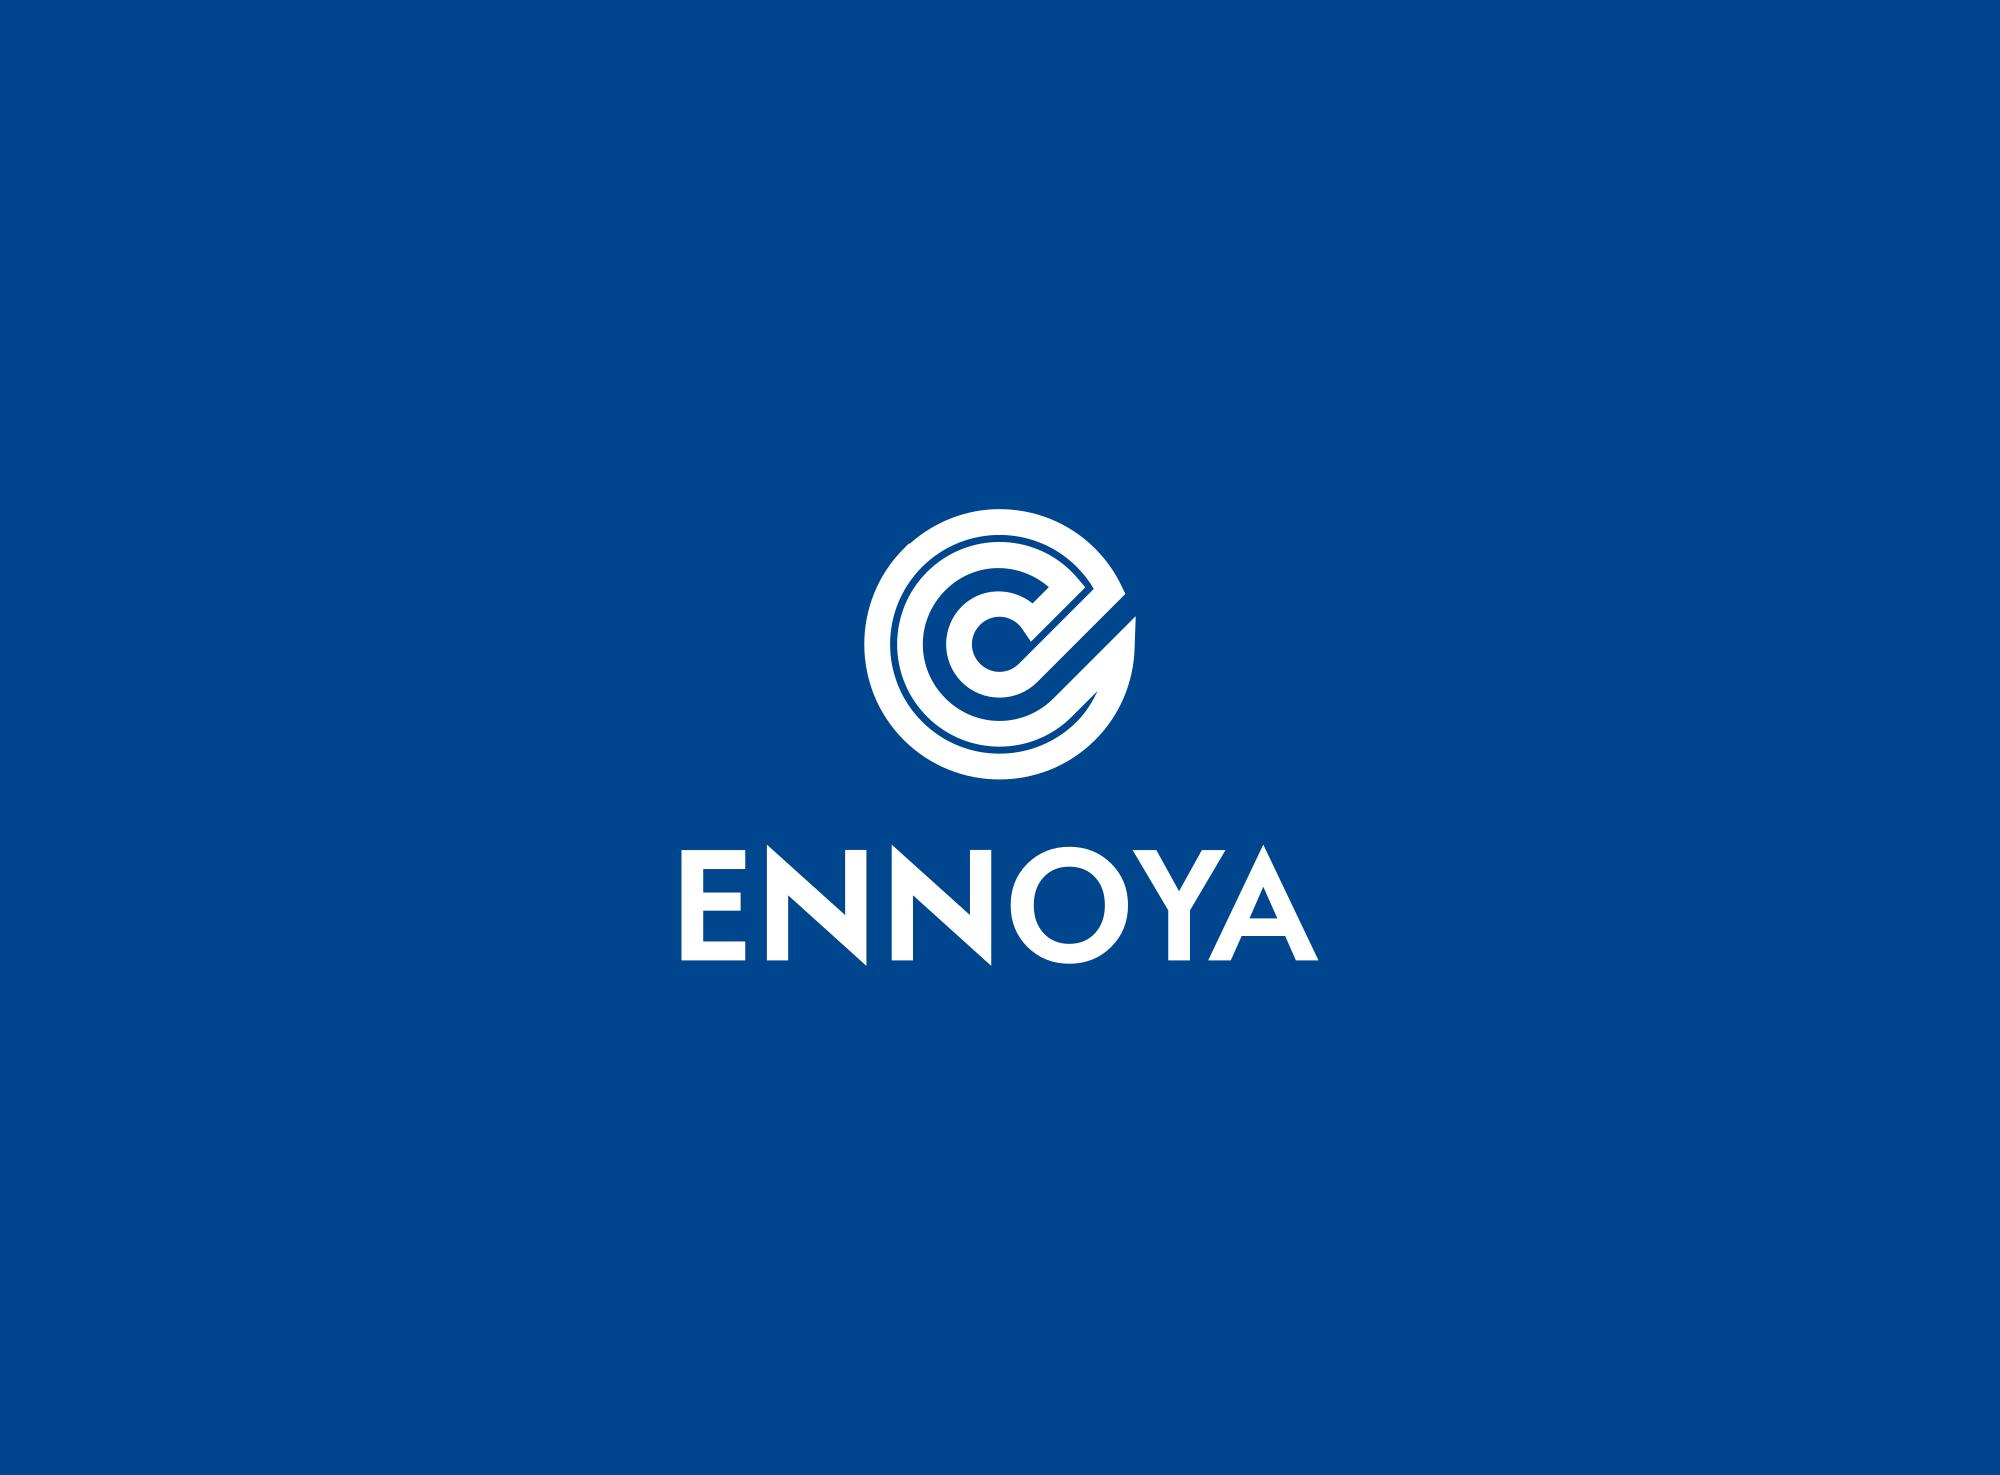 Логотип + фирменный стиль для продуктовой IT компании фото f_5625ad5f99b576e6.png